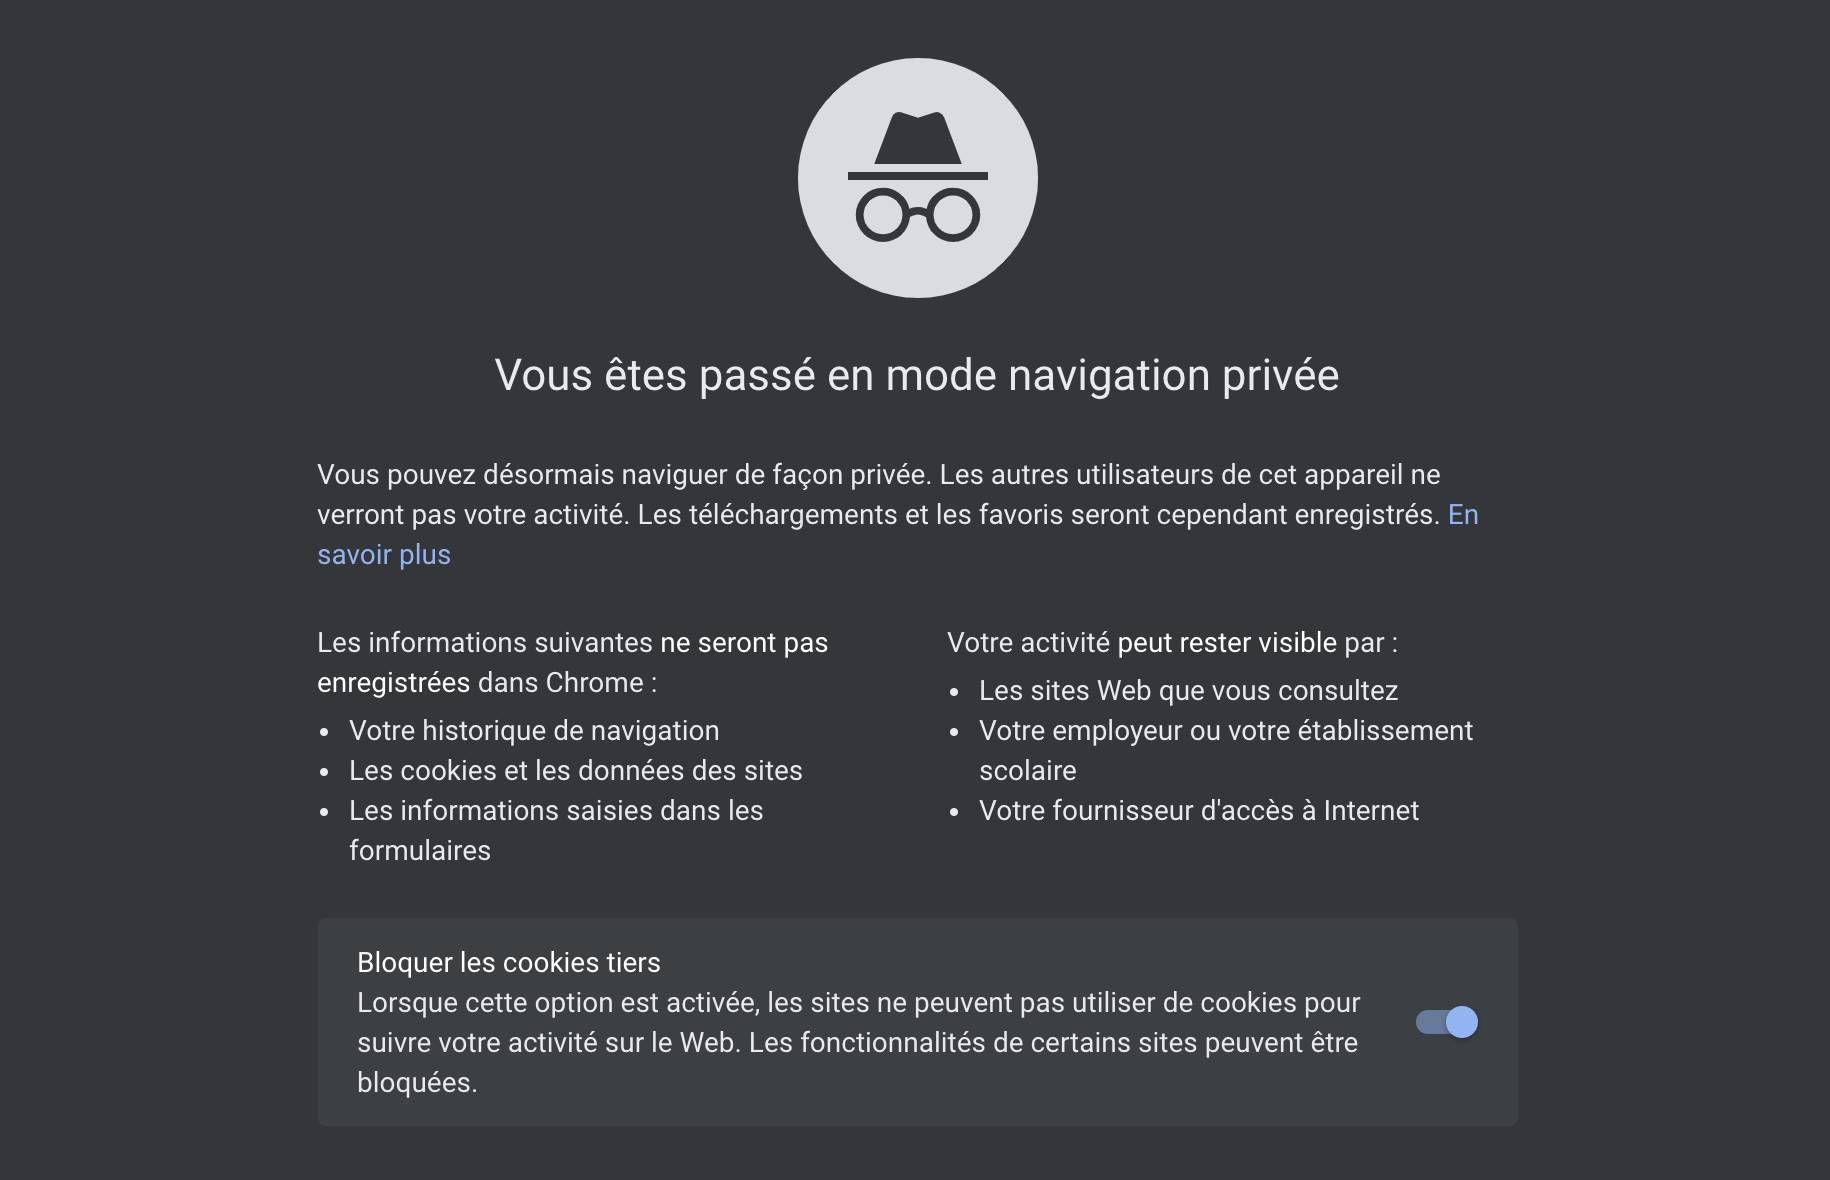 Capture d'écran de ce qui est affiché par Google sur les fenêtres de navigation privée.